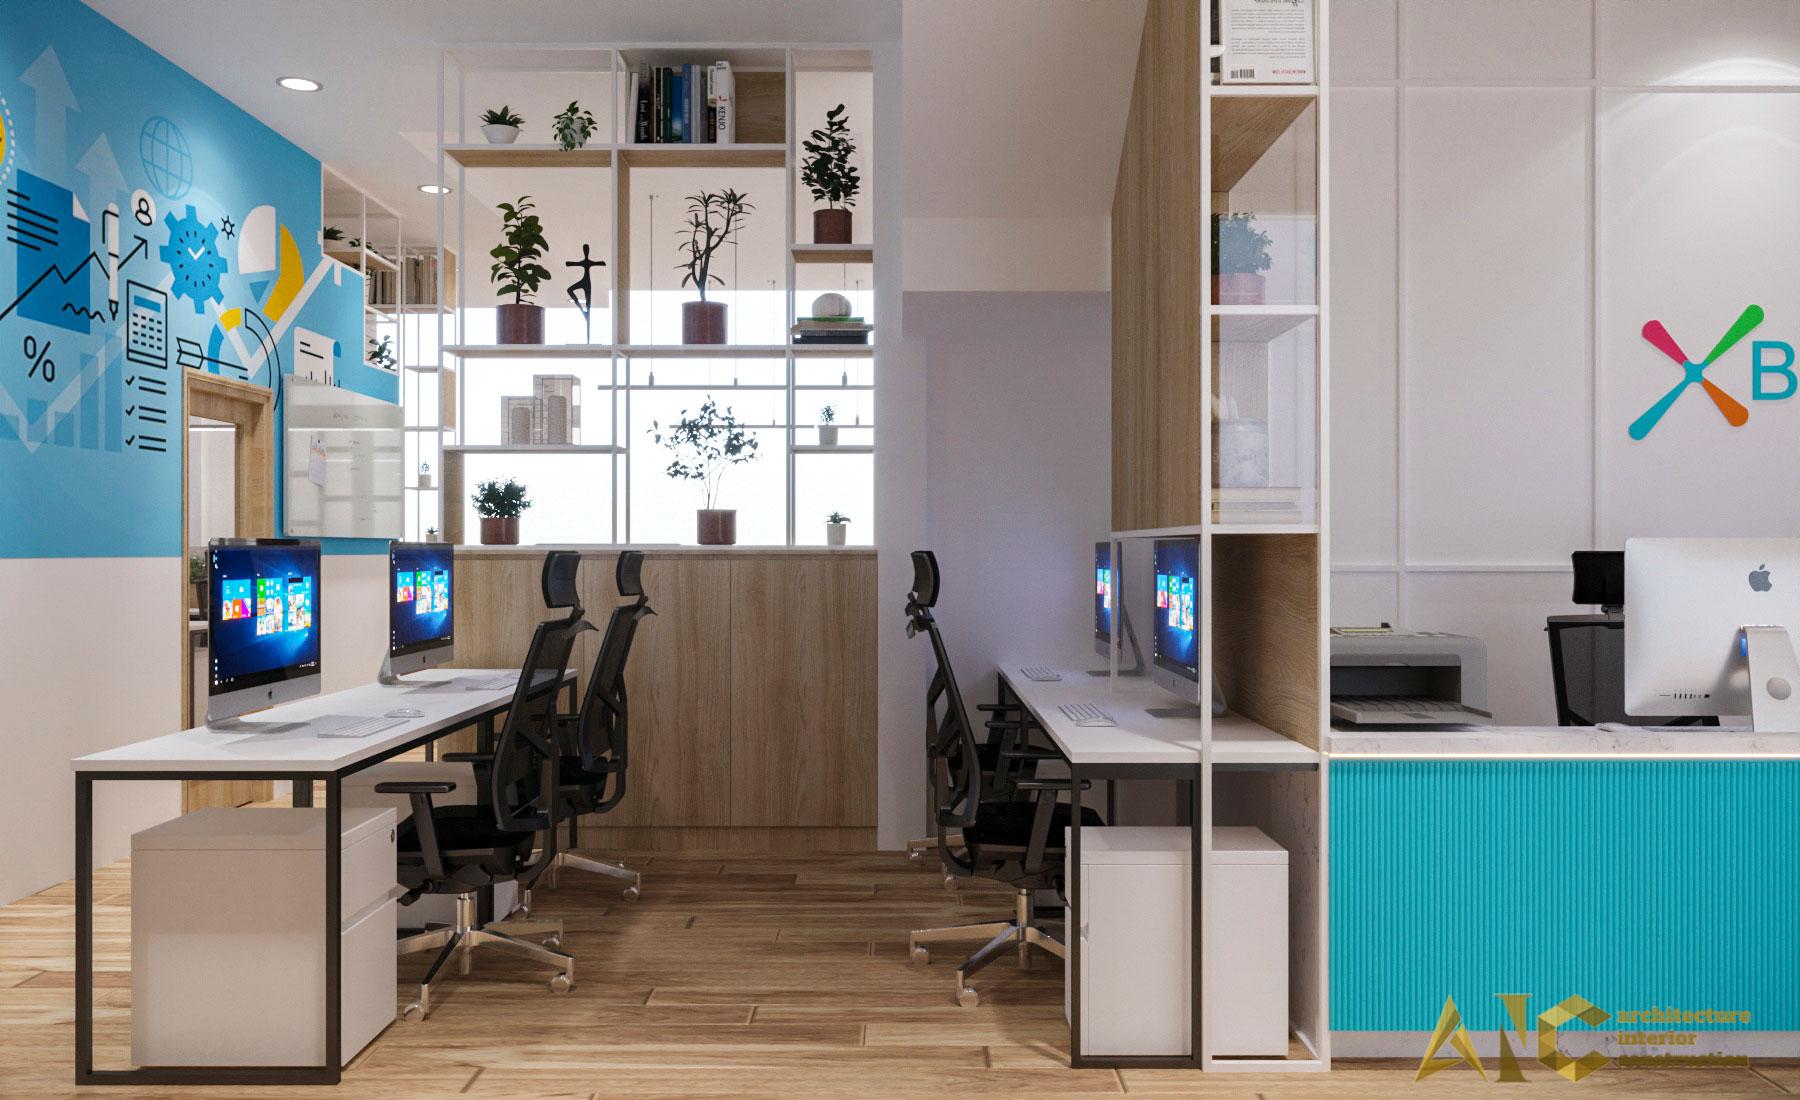 thiết kế thi công nội thất văn phòng Xbot - view 6